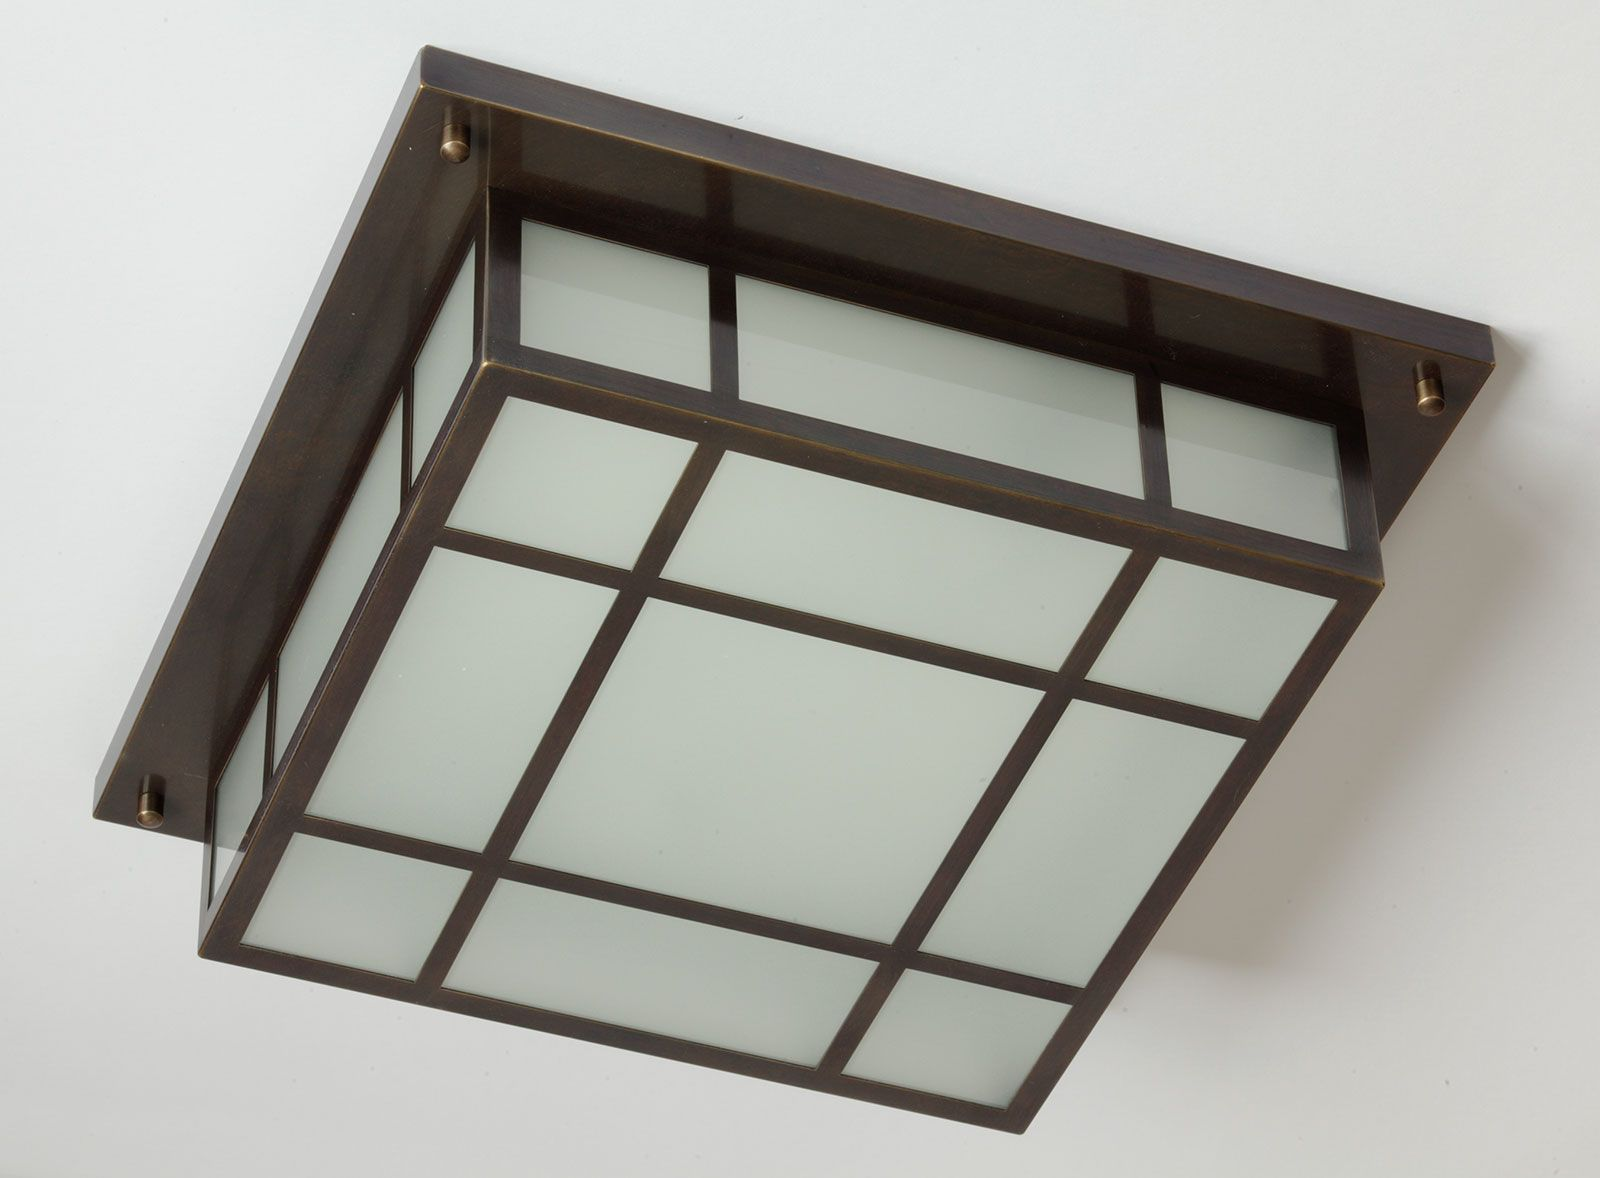 Quadratische Vergitterte Kassetten Deckenleuchte 40 Cm Von Munchener Laternen Quadratische Kasten Deckenleuchte In 2020 Deckenleuchten Glasscheiben Beleuchtung Decke